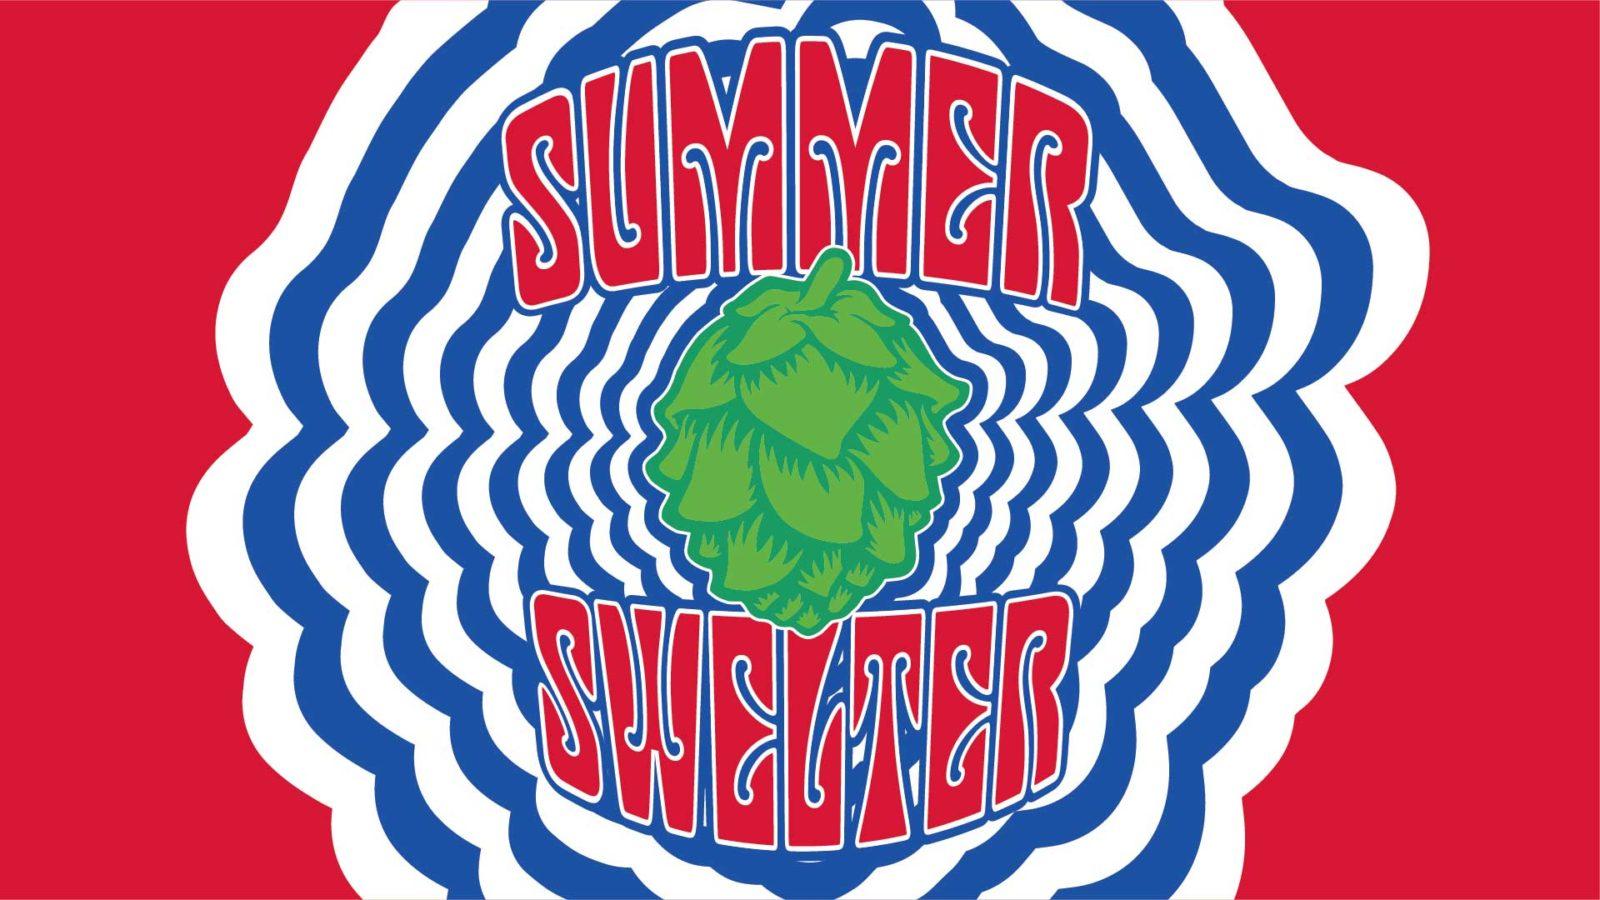 Summer Swelter 2017